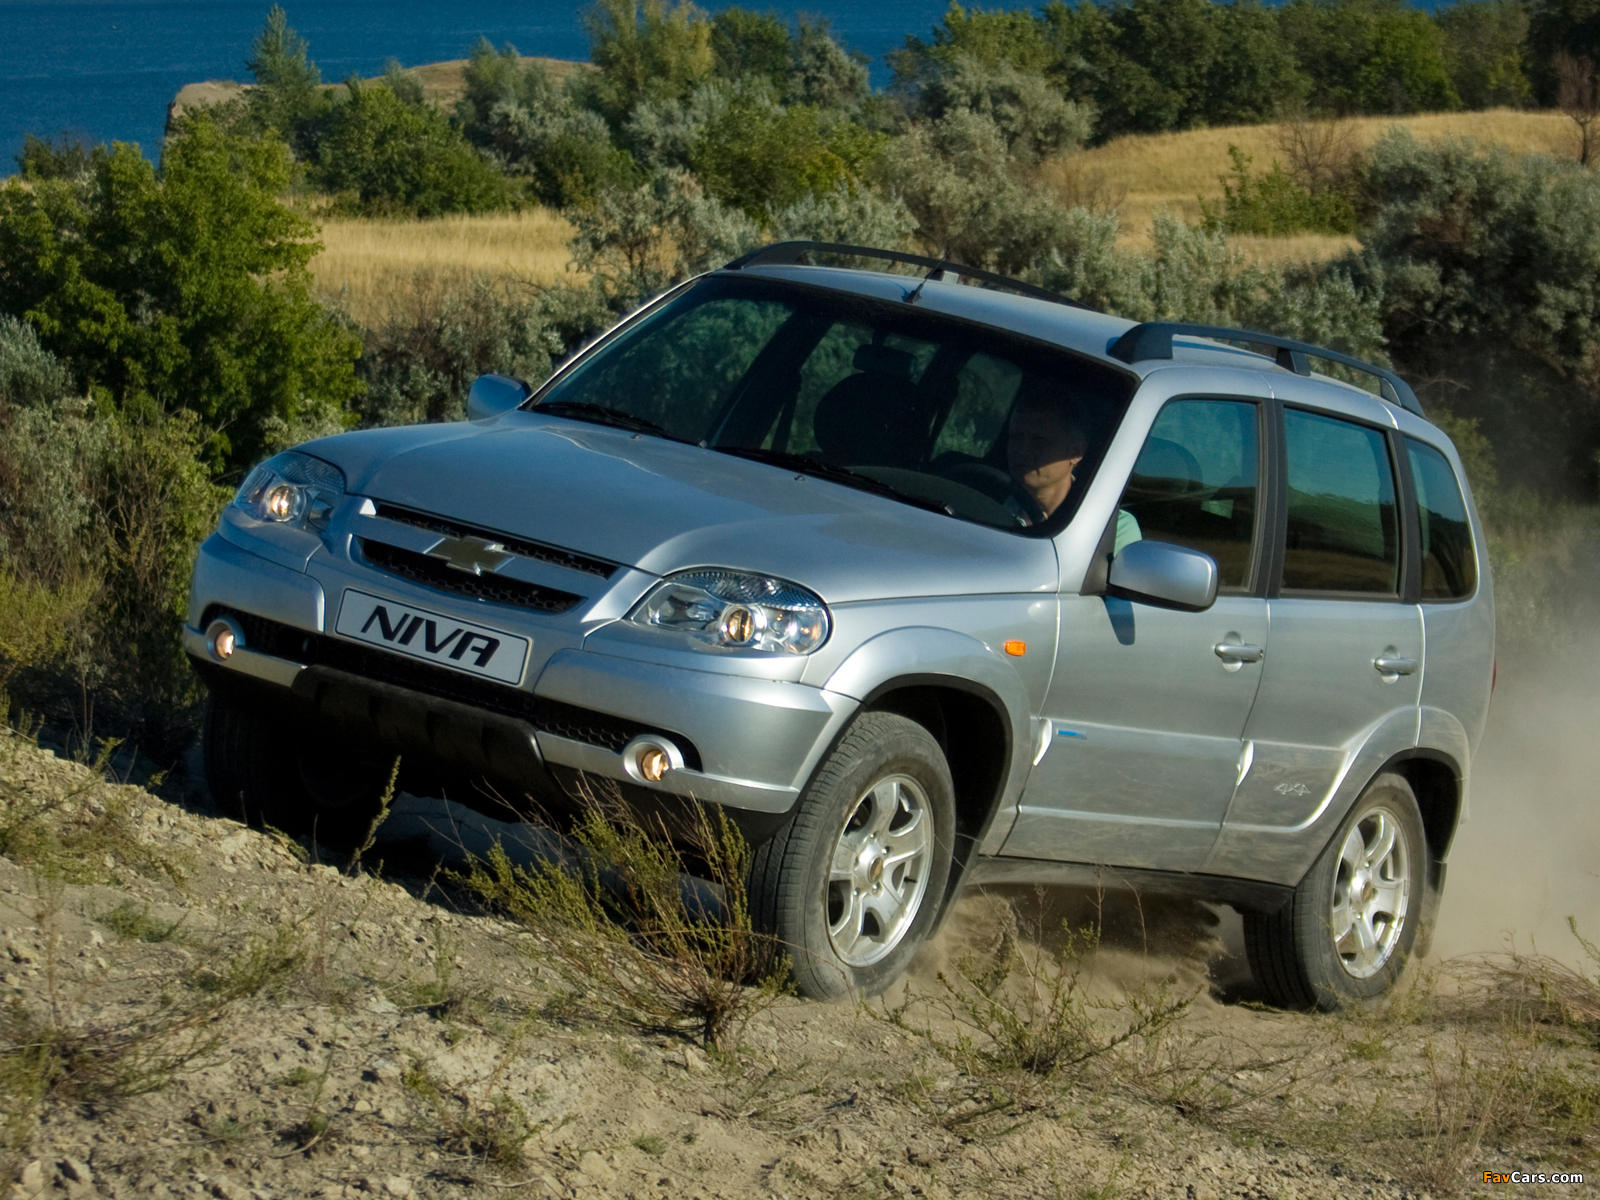 Chevrolet Niva 2009 pictures (1600 x 1200)